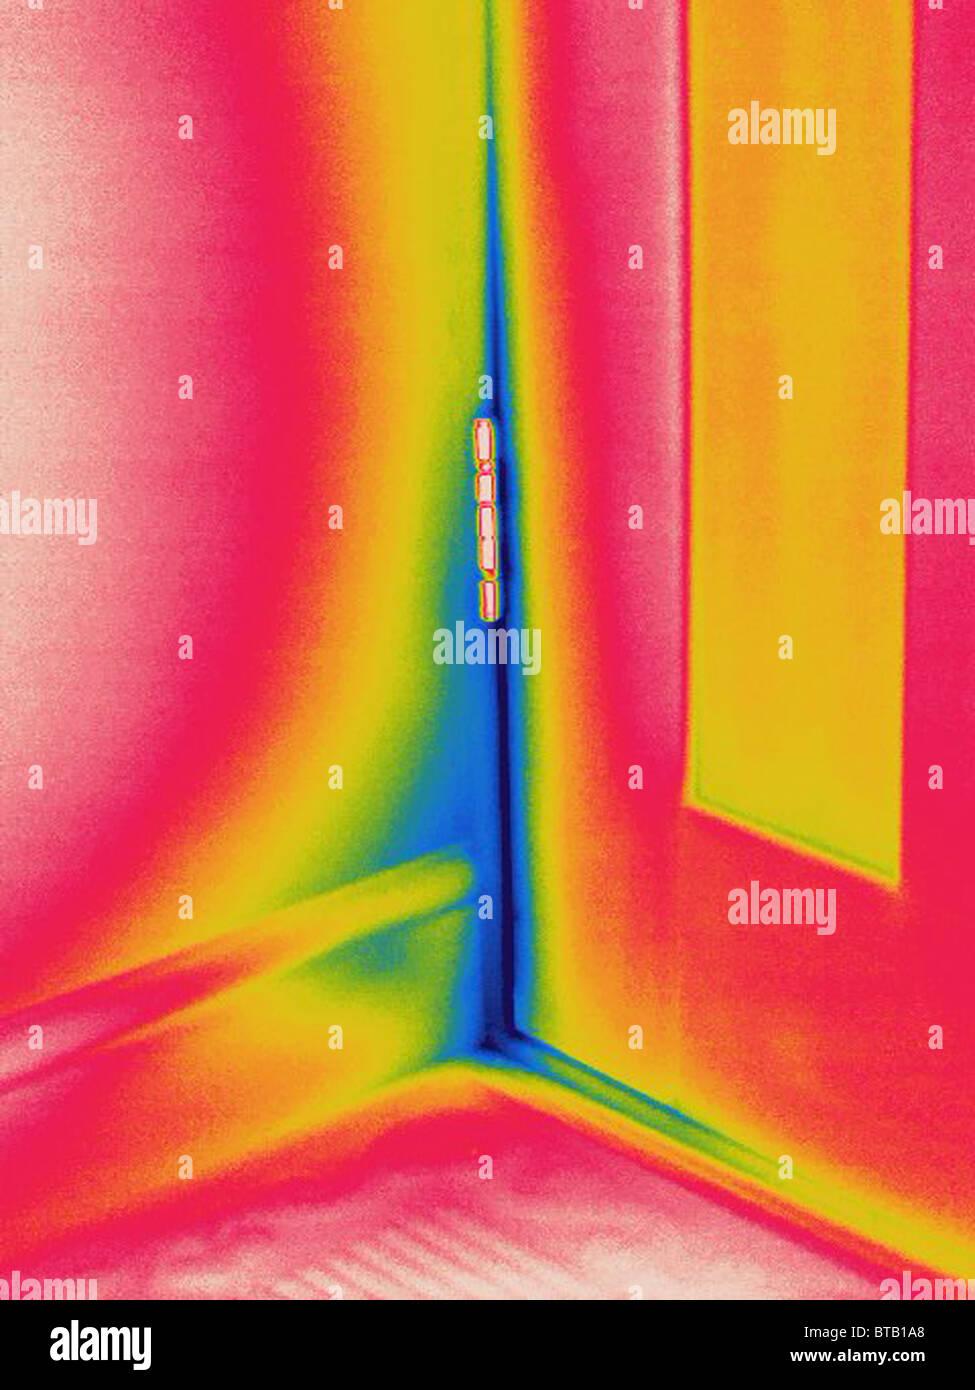 Immagine termica di basse perdite di aria attraverso il portello Immagini Stock